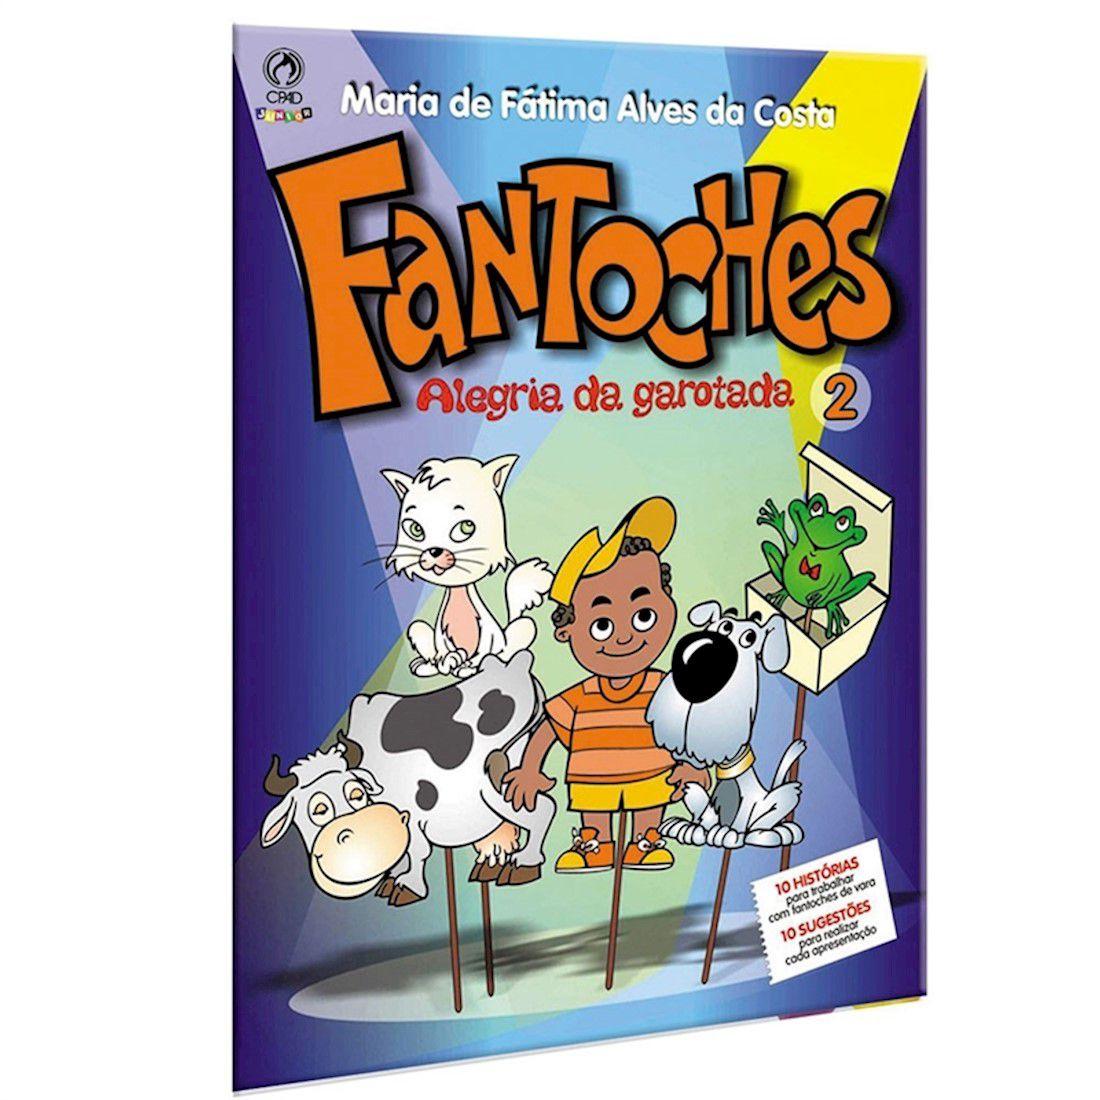 Revista Fantoches Alegria da Garotada - Vol. 2